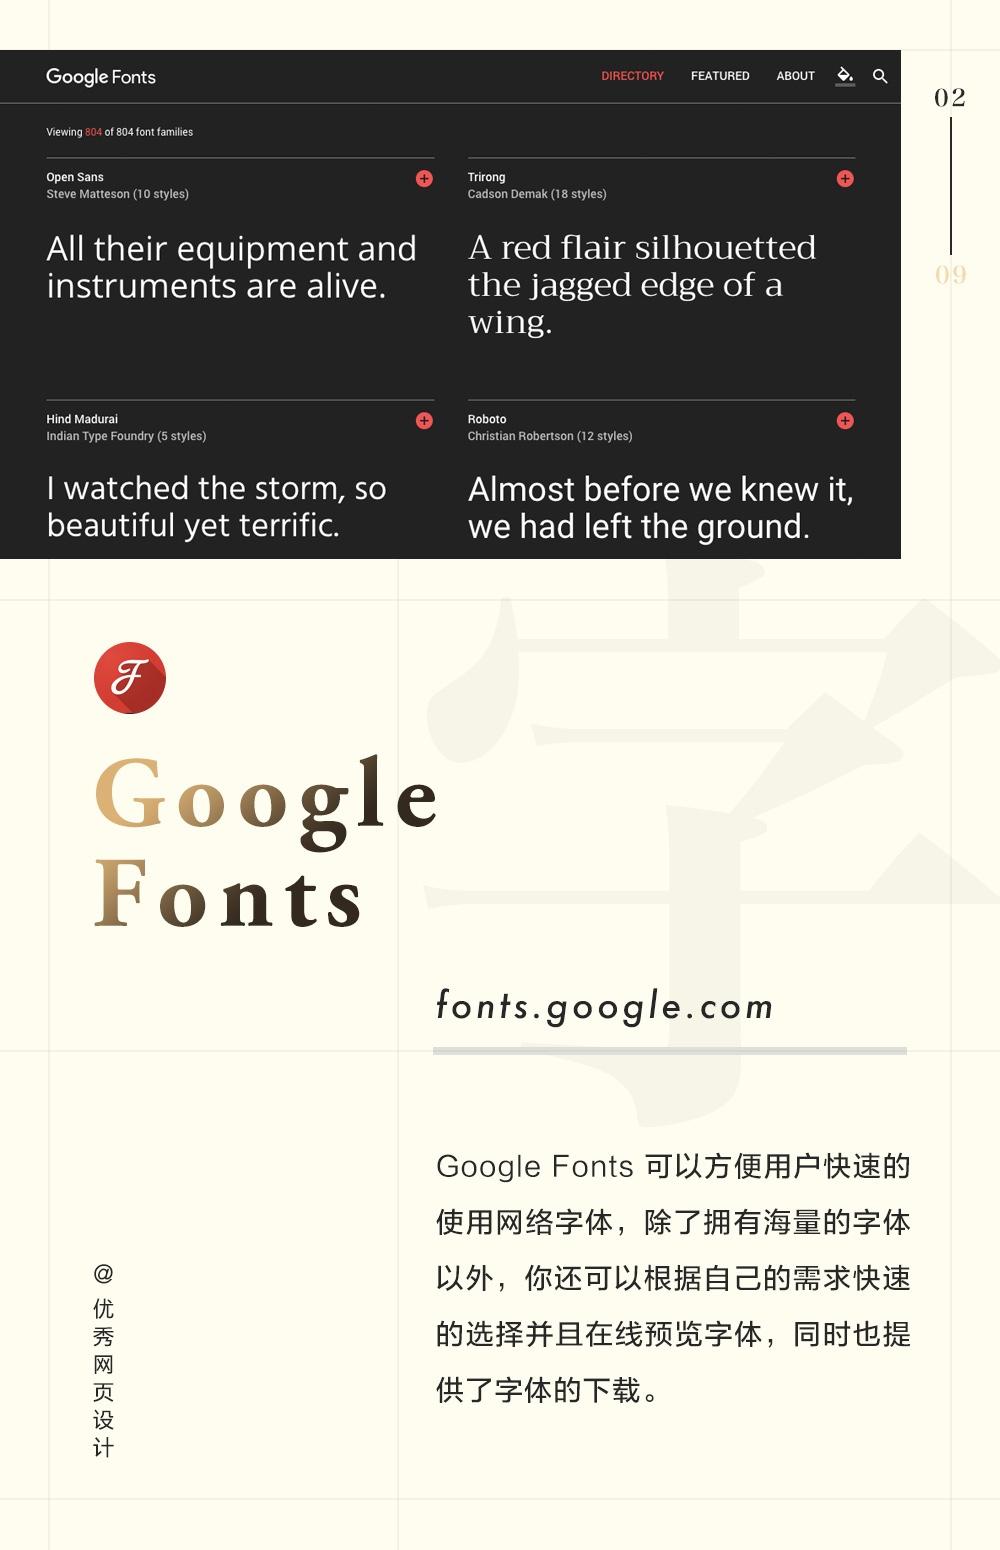 有了这9个网站!轻松获取免费精品英文字体